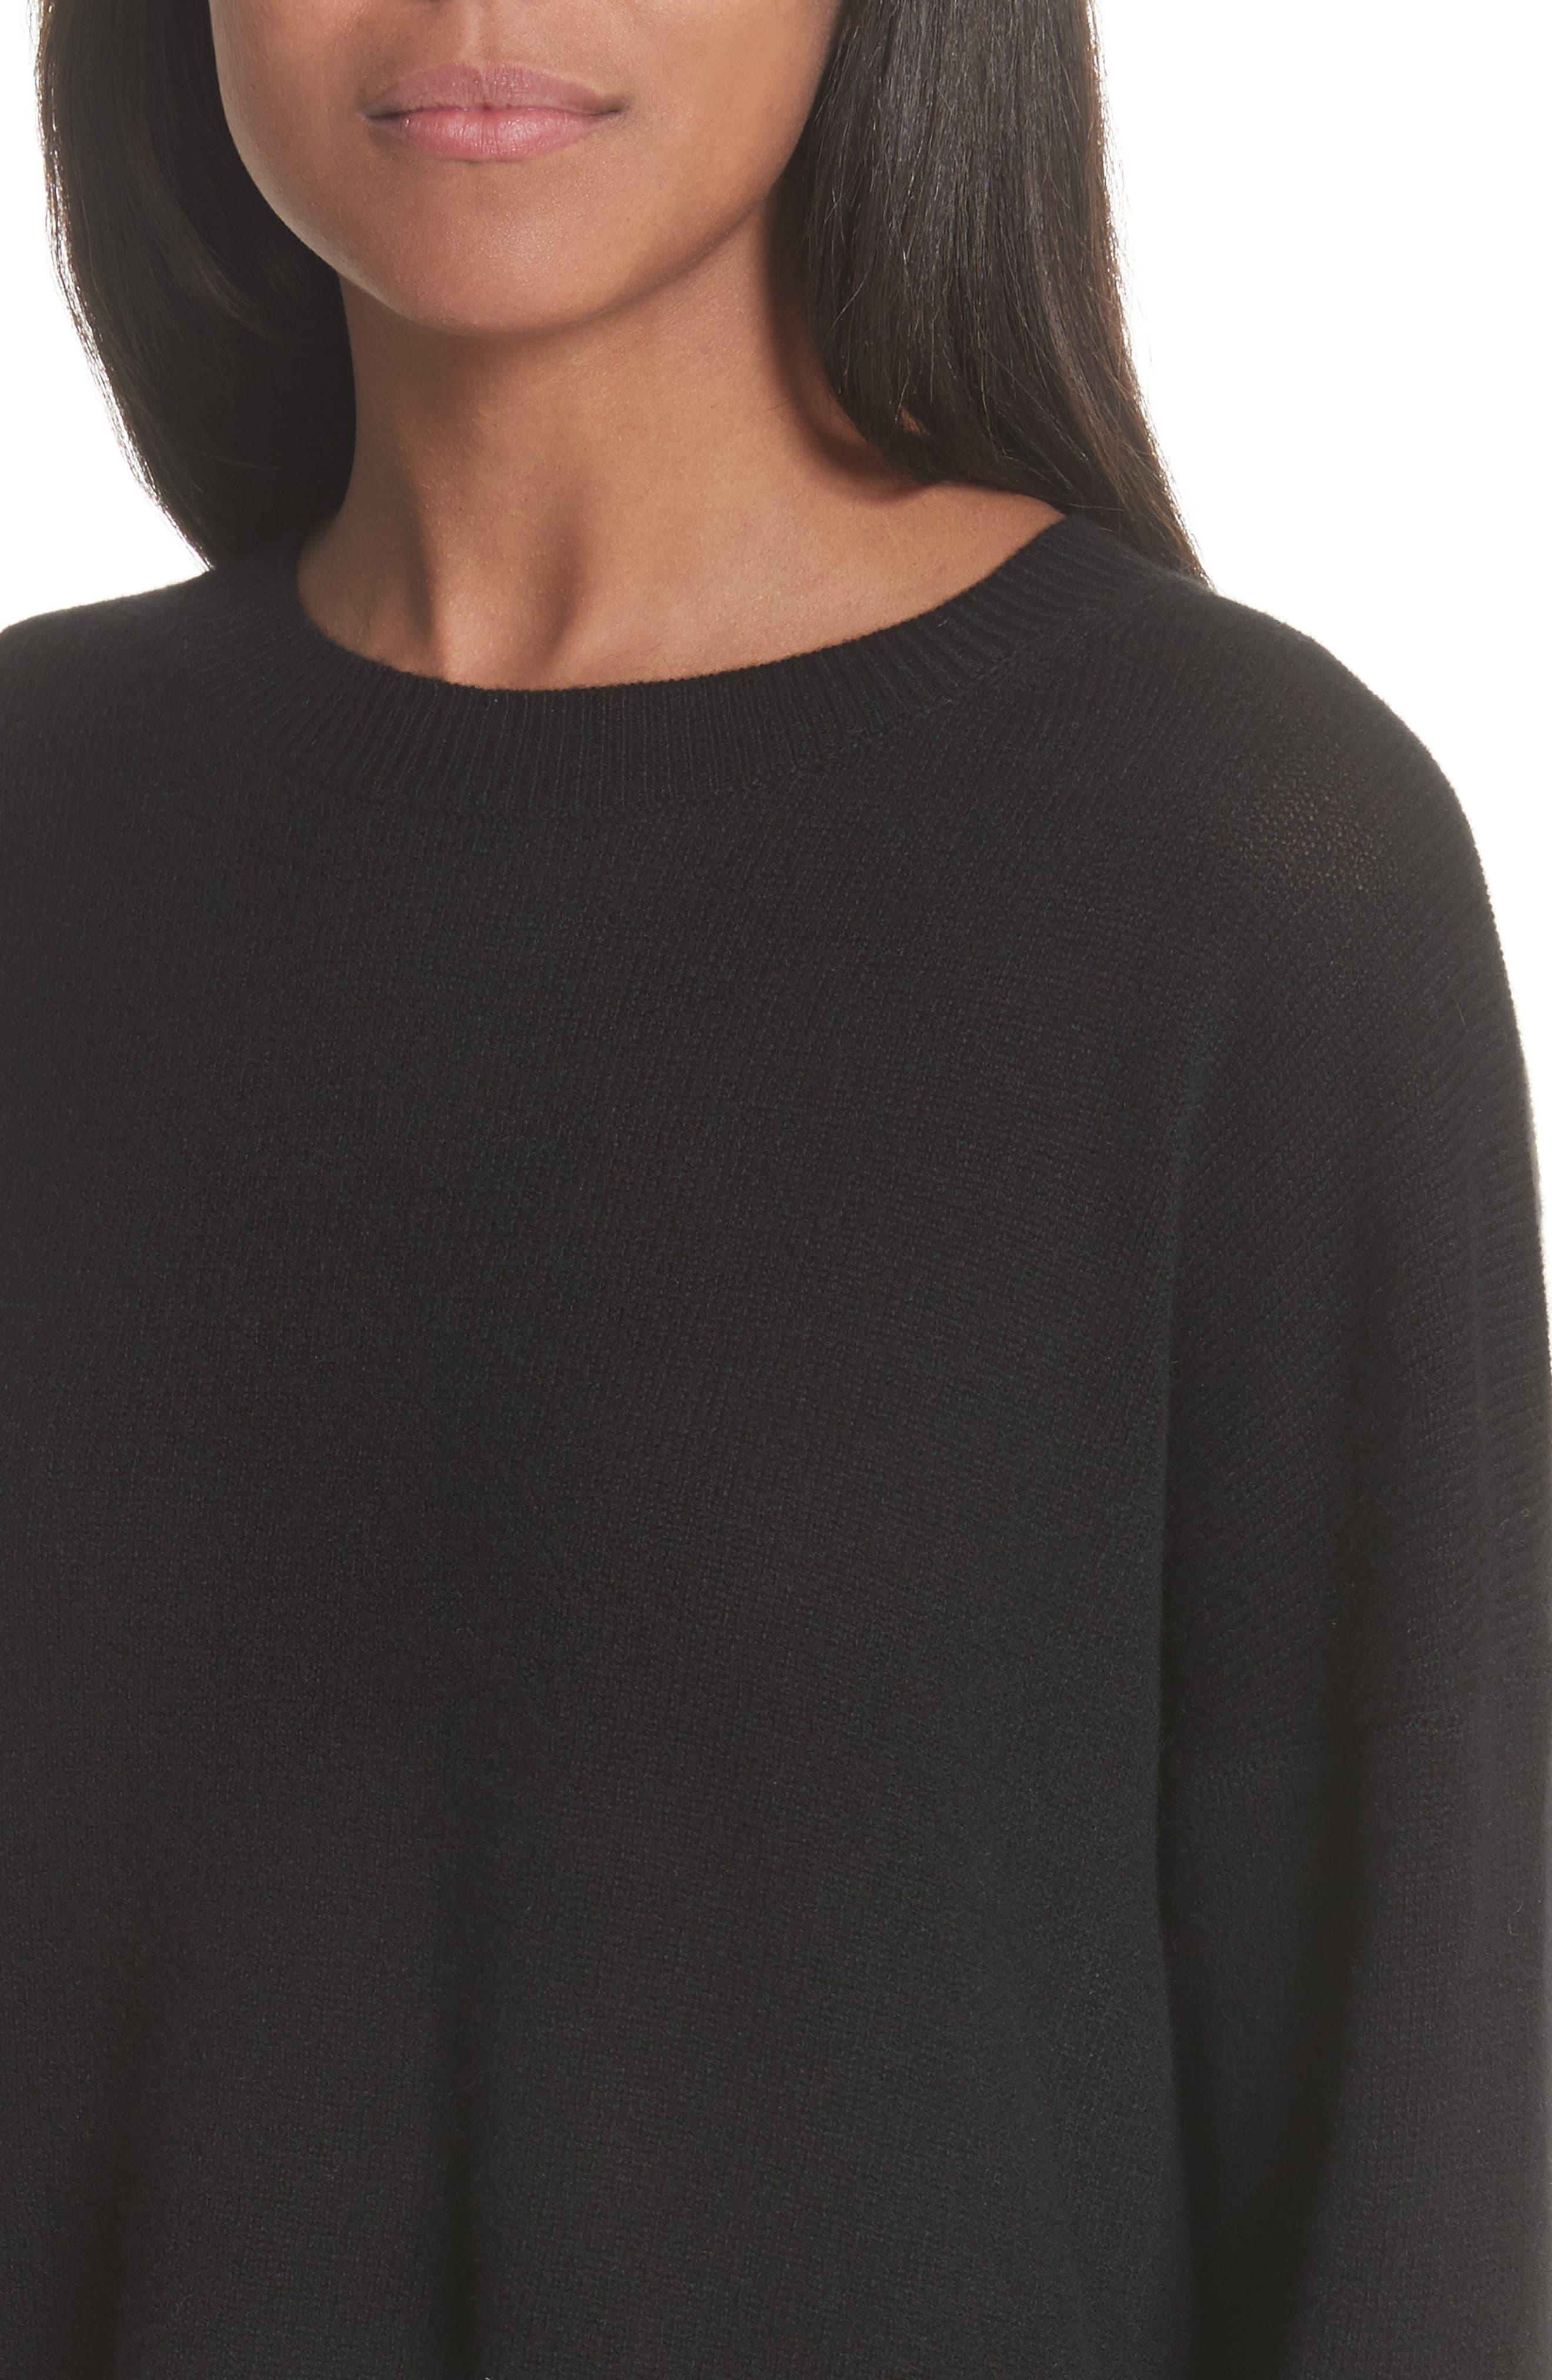 Karenia L Cashmere Sweater,                             Alternate thumbnail 4, color,                             Black